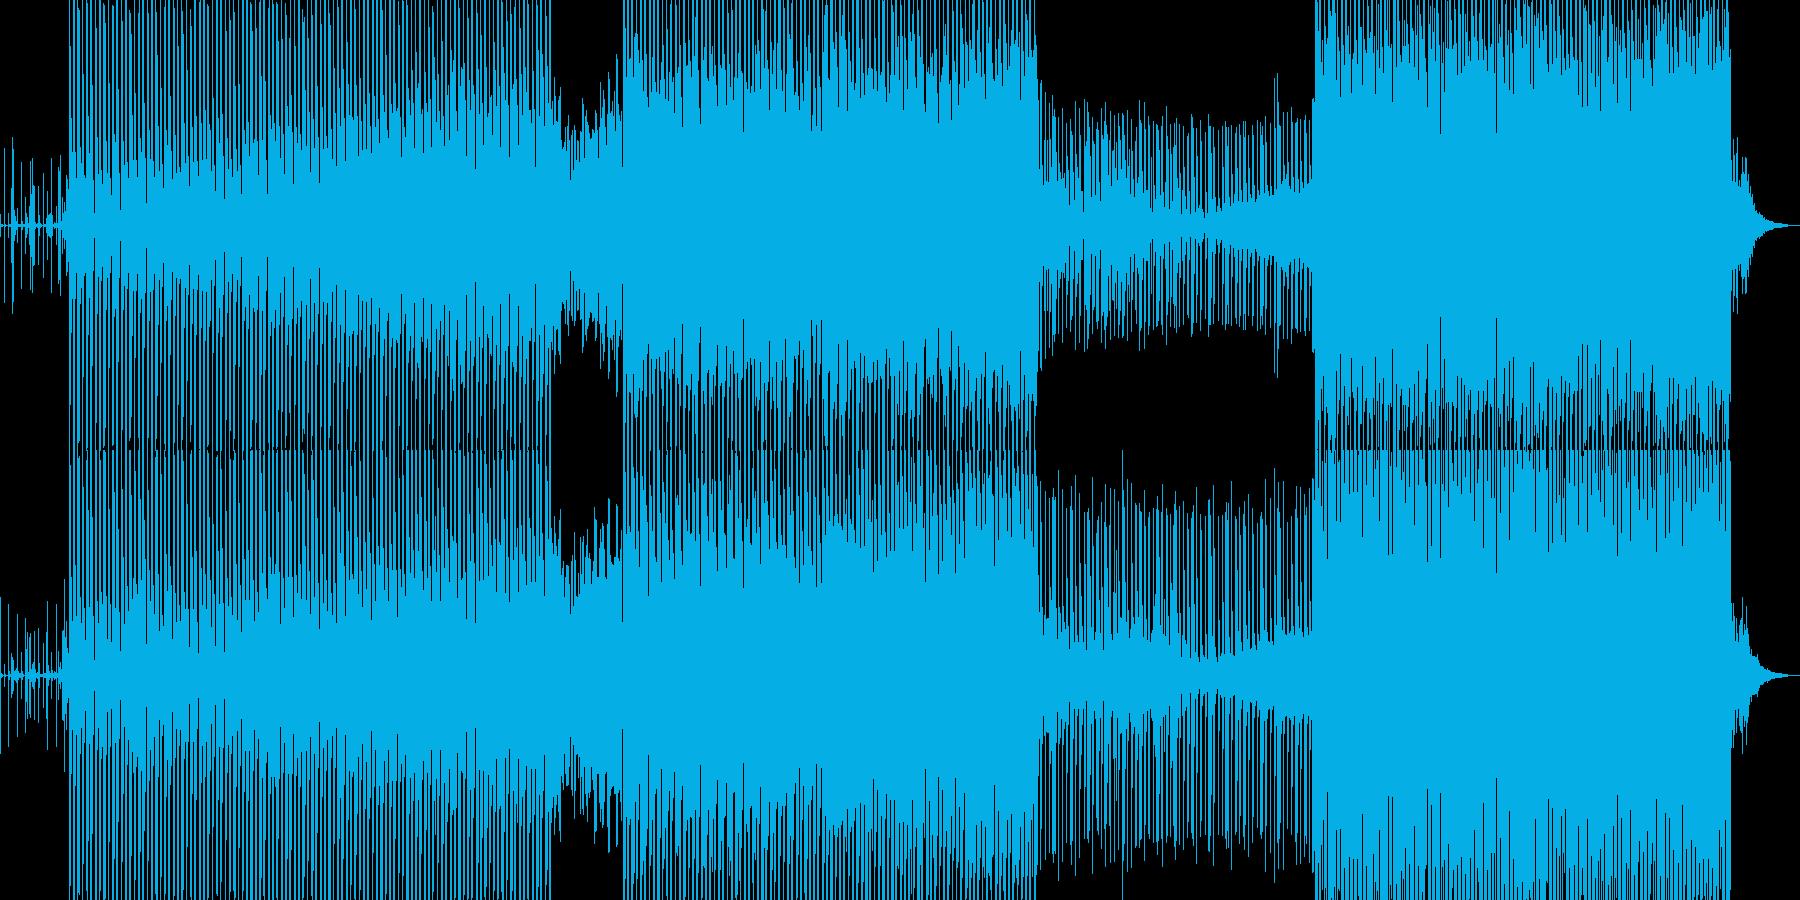 しっかりしたビートの科学的サウンドの再生済みの波形